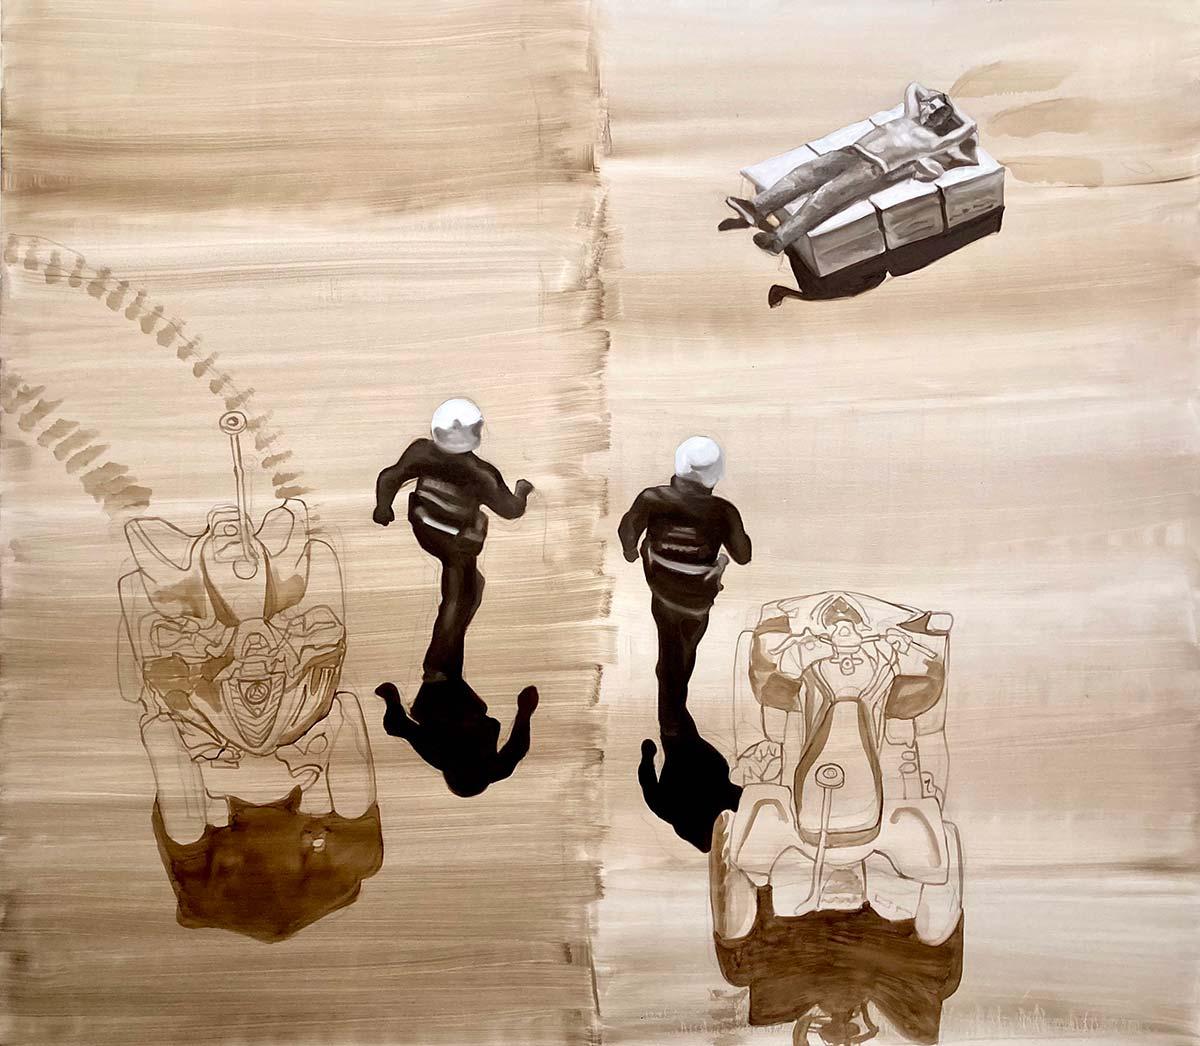 Barbara Nahmad, L'epoca e i lupi. Olio su tela, 150x170 cm, 2020.